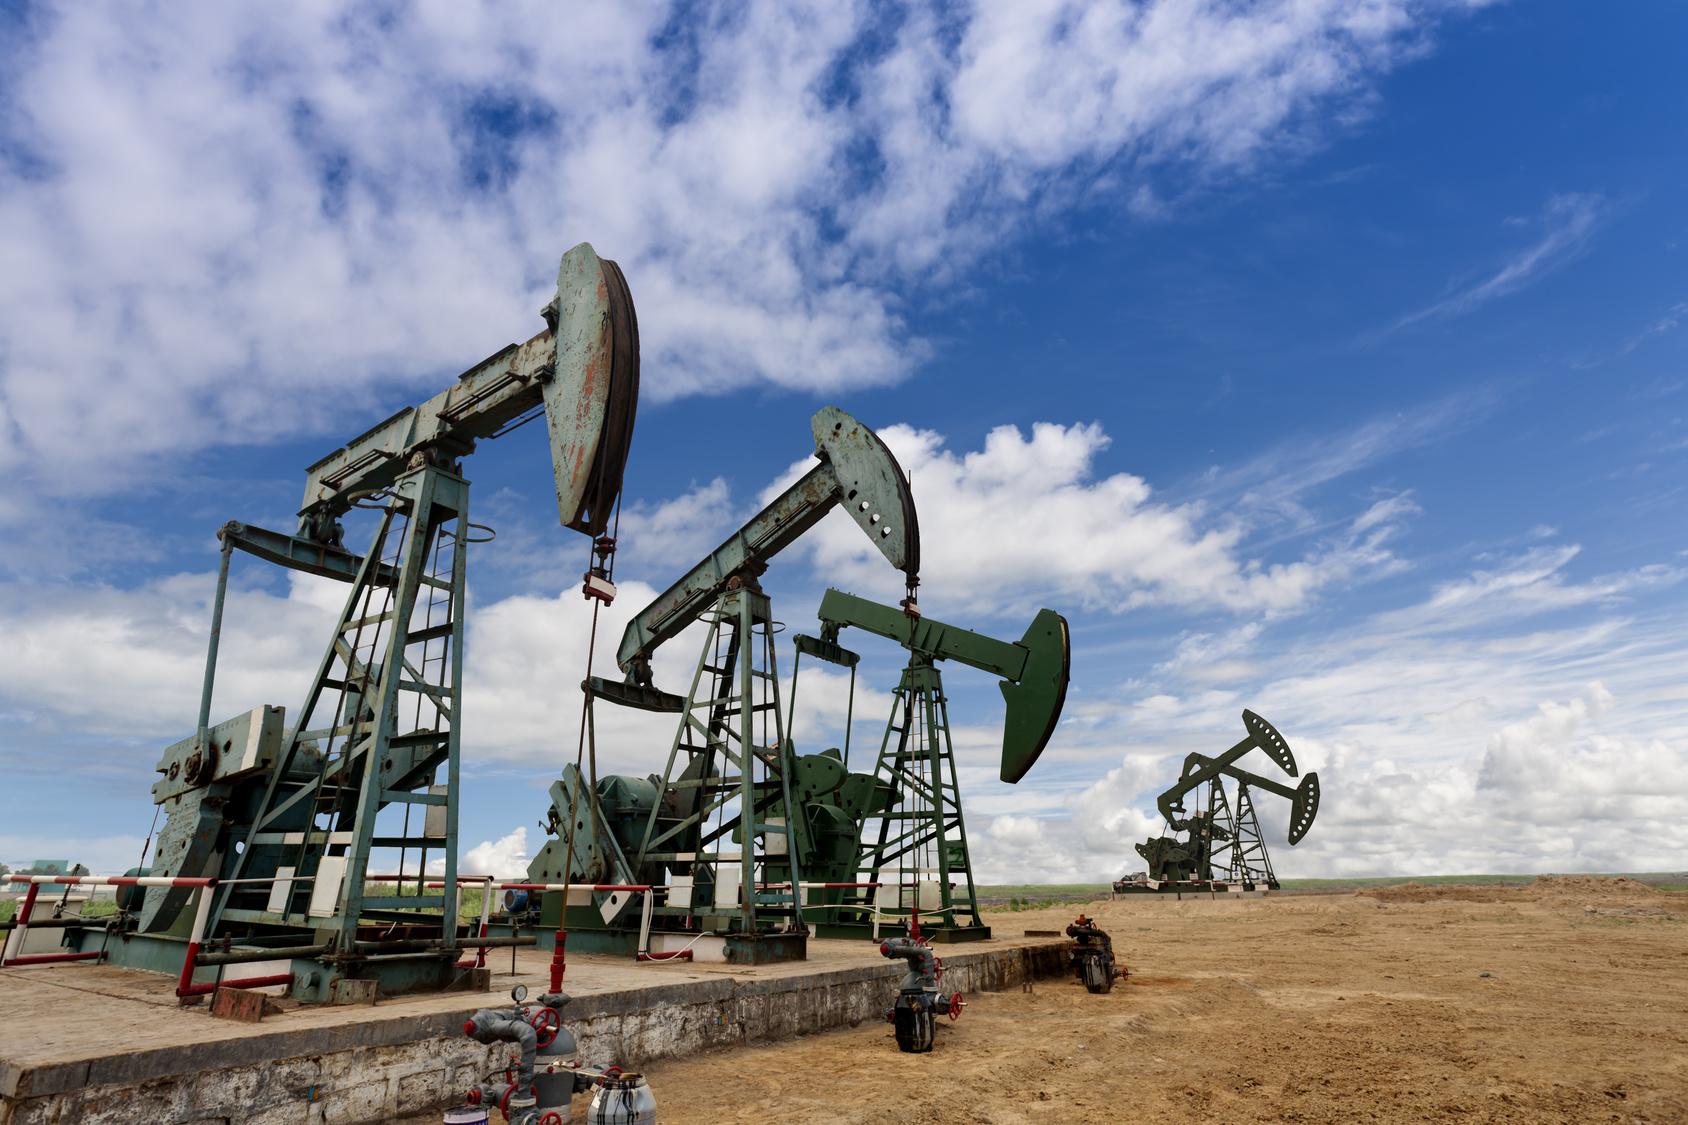 【裏事情】イスラム国すらピンハネする原油ビジネス